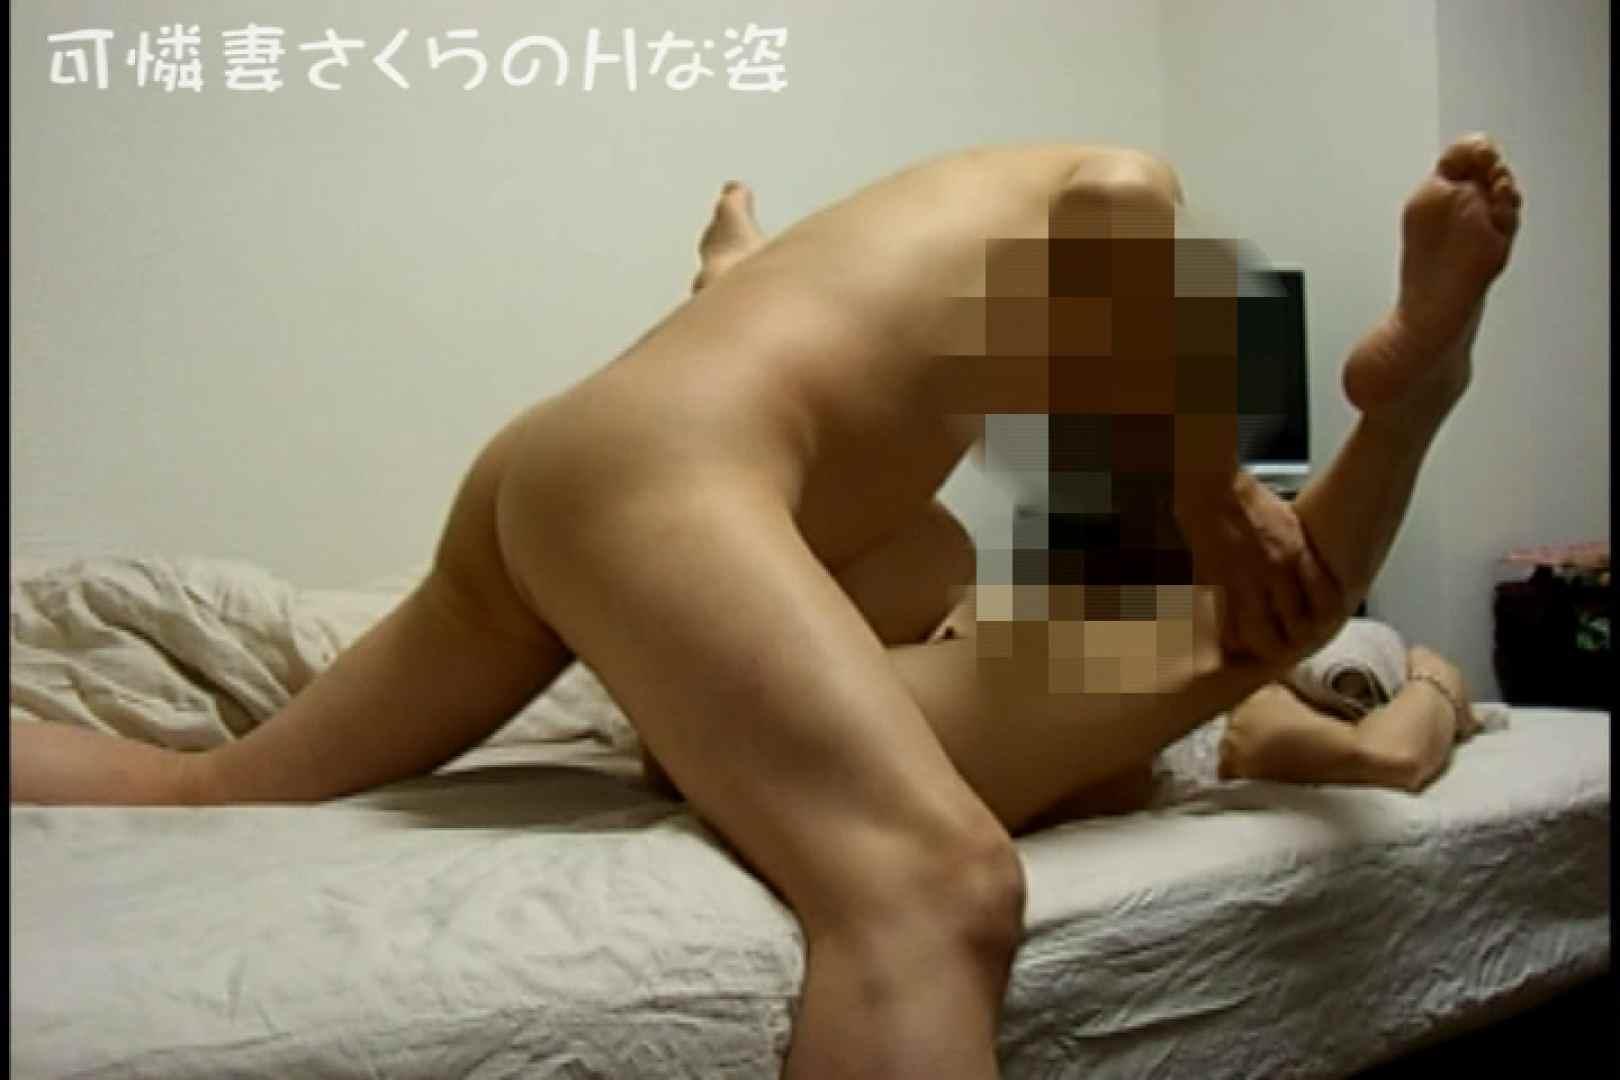 可憐妻さくらのHな姿vol.4後編 セックス  72pic 71